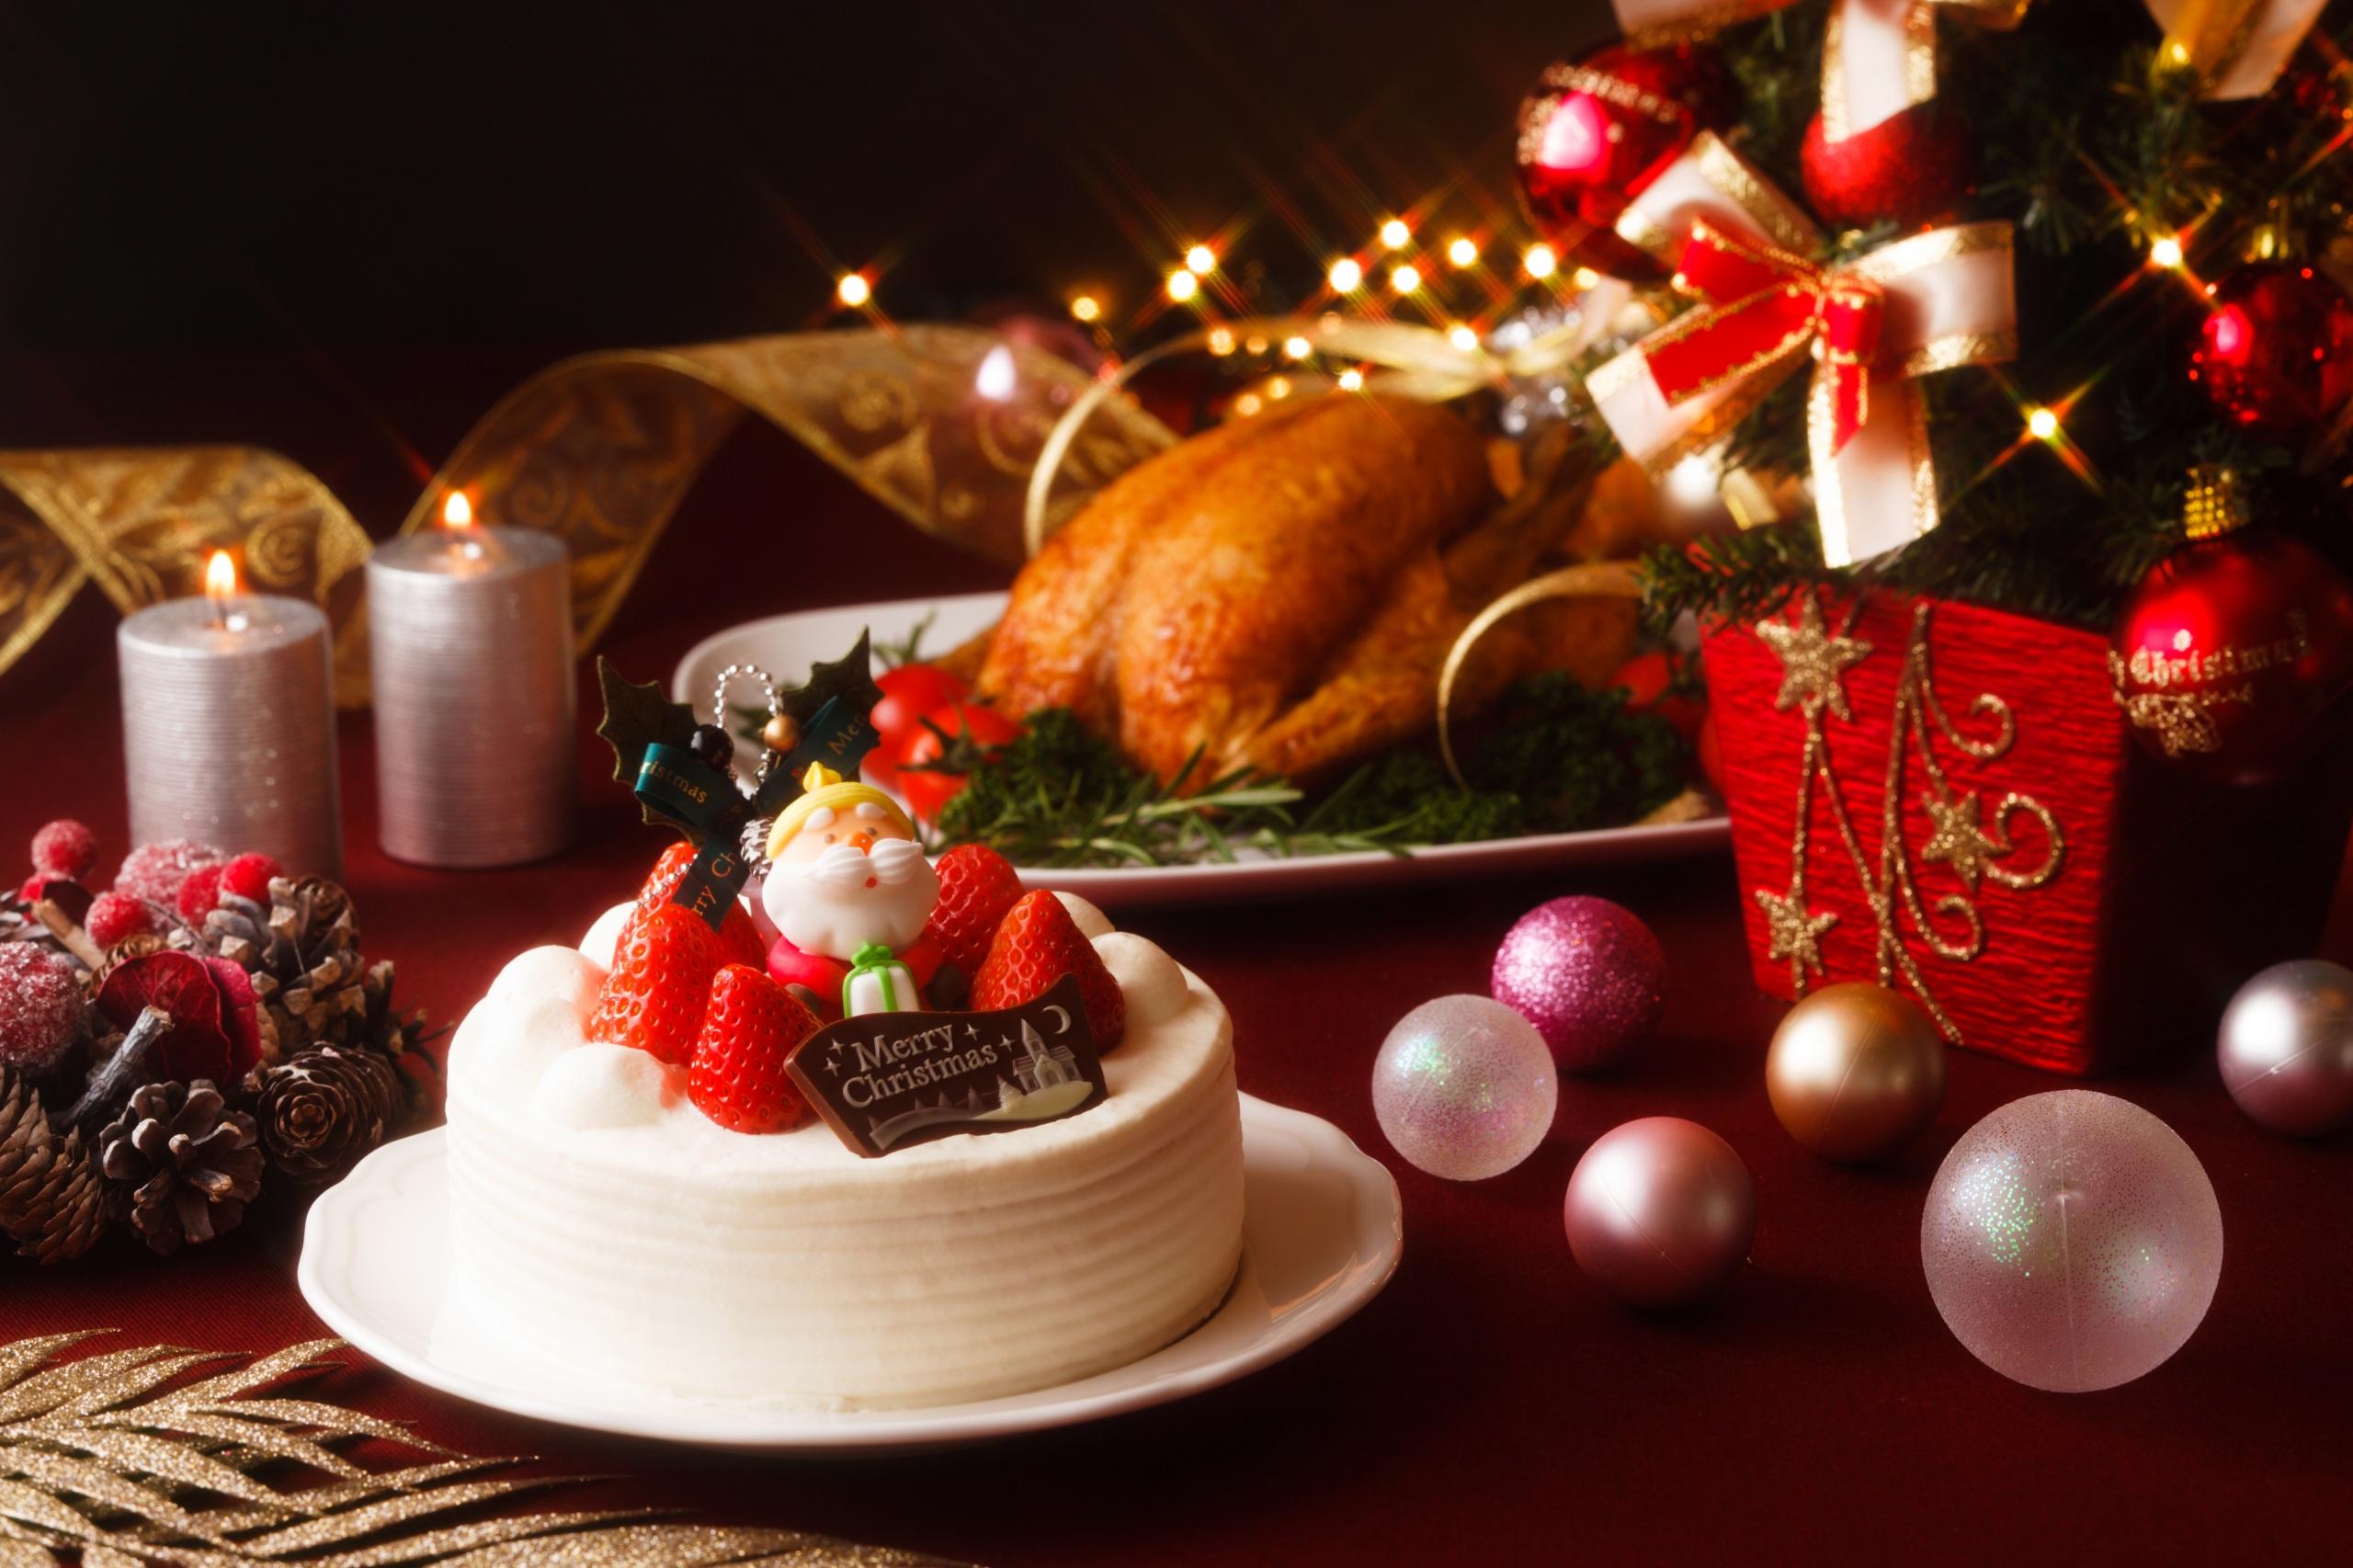 Фото Рождество Торты Клубника Шарики тарелке Продукты питания Дизайн 2560x1706 Новый год Еда Шар Пища Тарелка дизайна